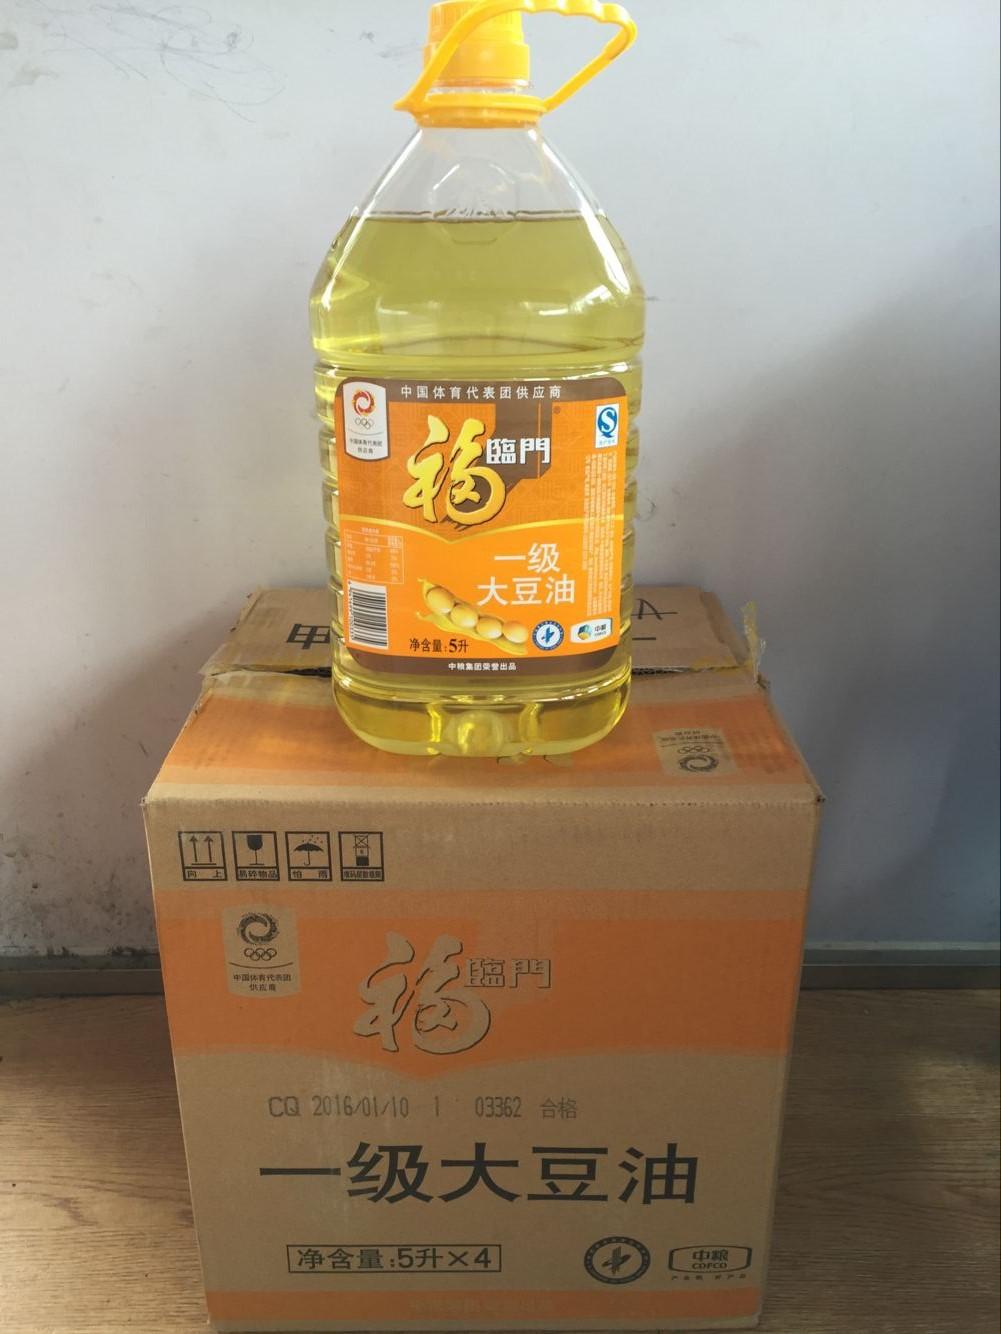 福临门食用油价位 天津哪里有口碑好的福临门大豆油供应